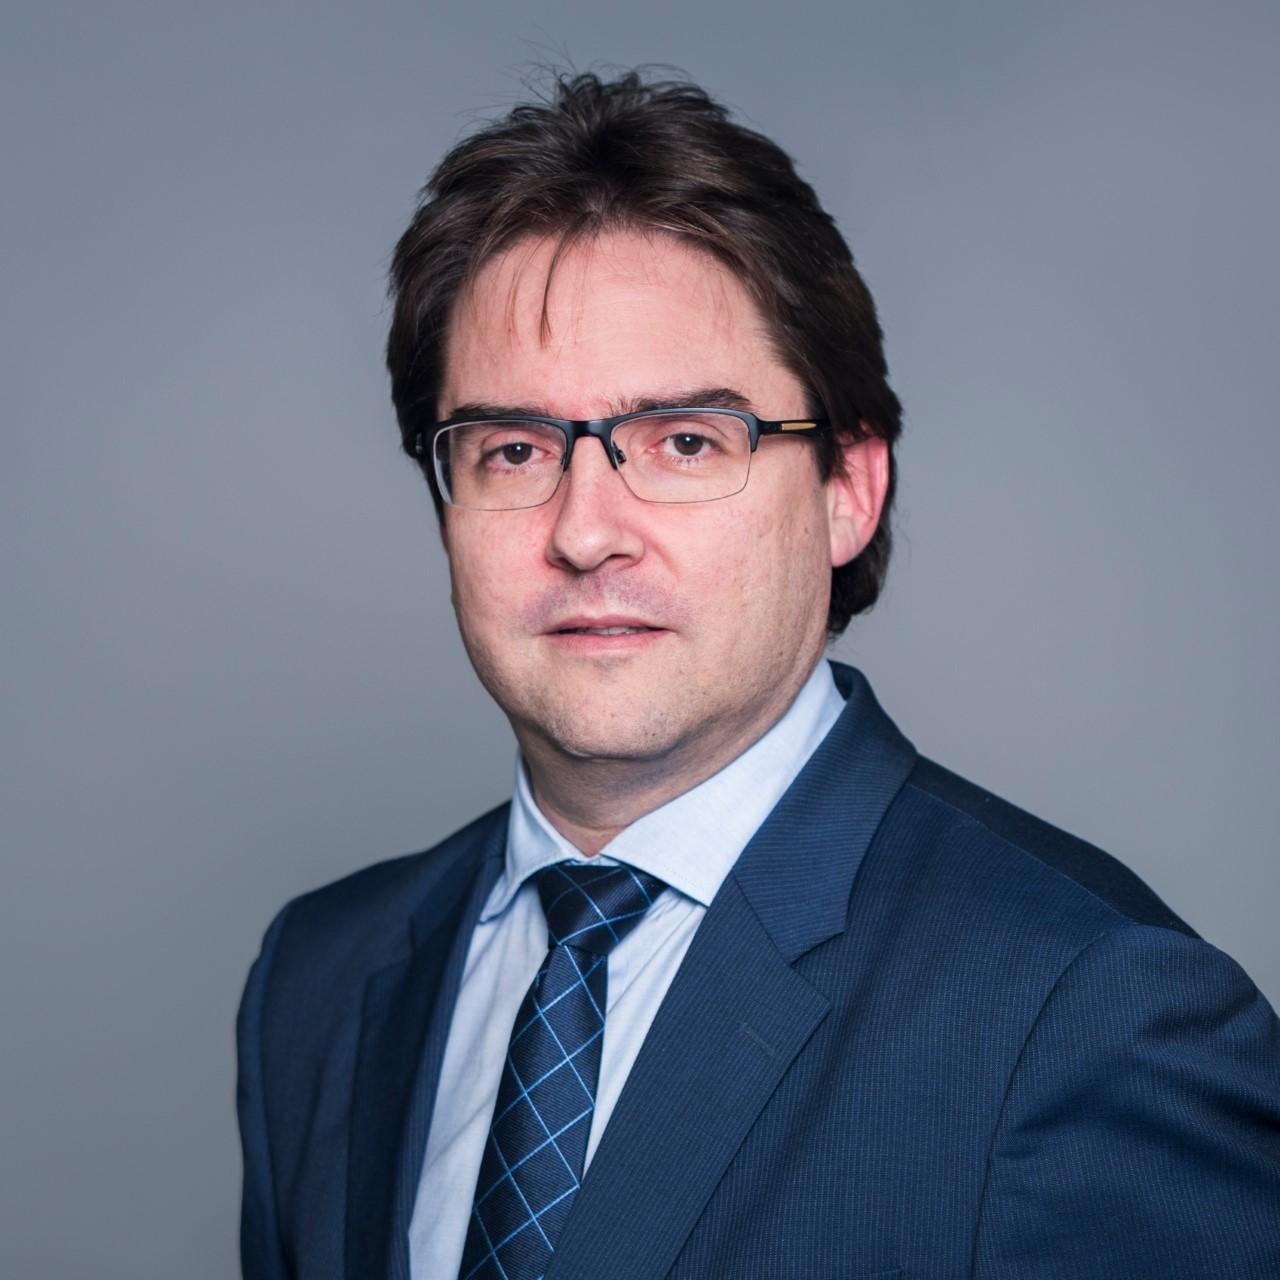 David Luengo, vicepresidente y responsable del Sector Consumo, Retail, Distribución y Gobierno de Capgemini